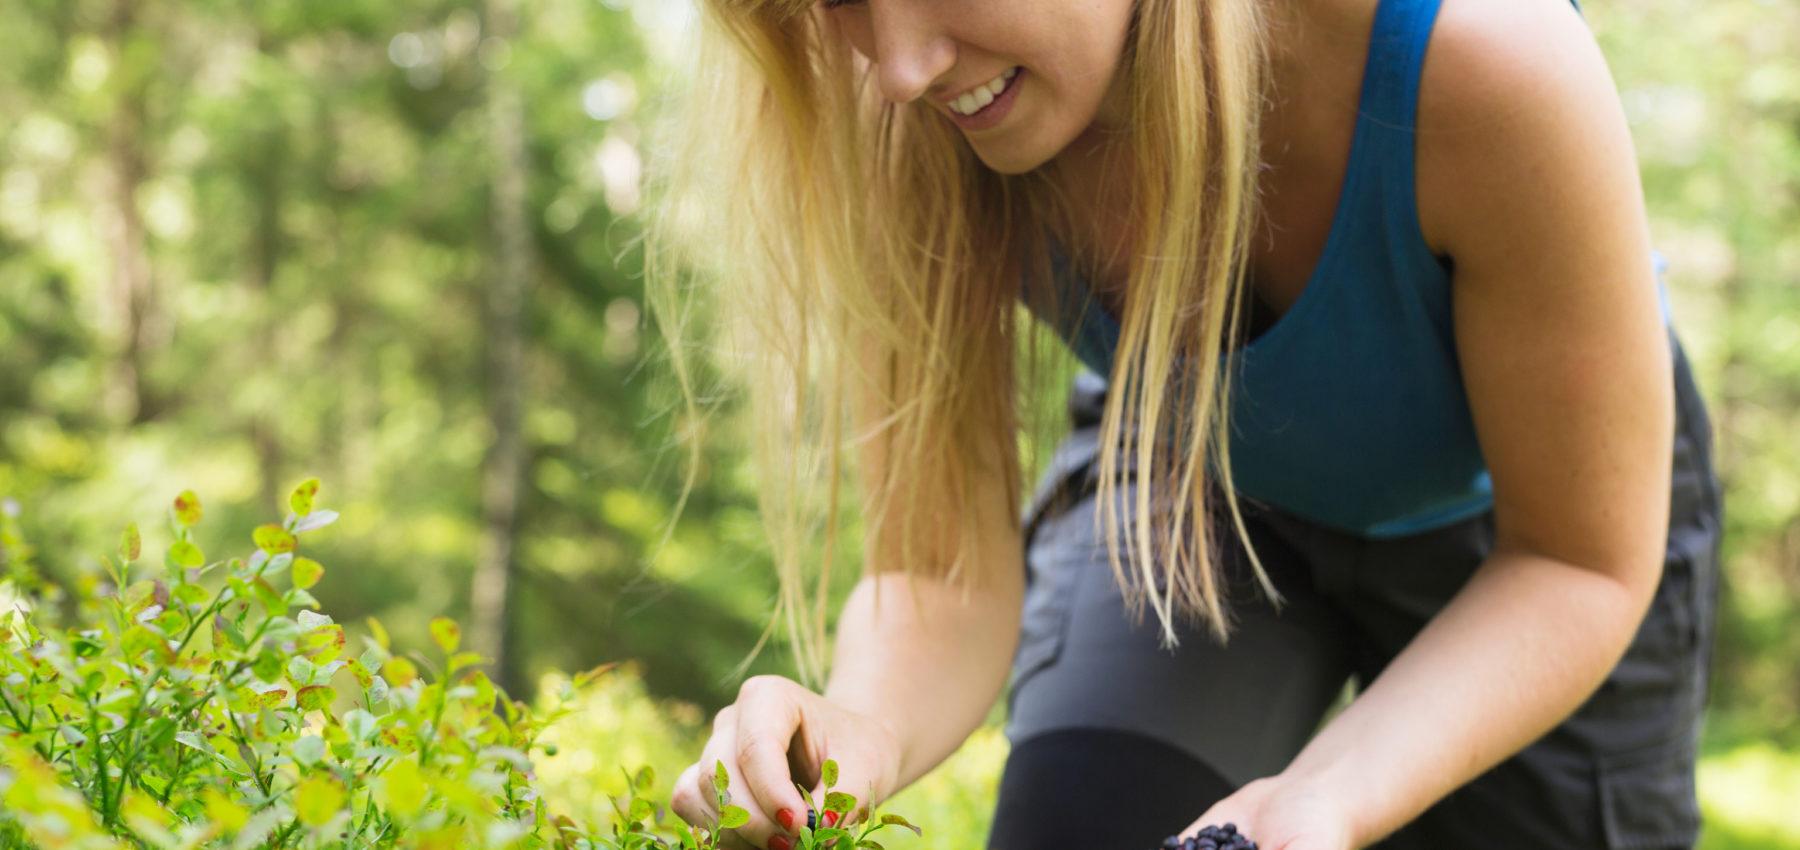 Bilde: Kvinne plukker blåbær fra en blåbærbusk i skogen. Hun har på seg en blå topp, står bøyd over busken og smiler. Hånden er full av blåbær.